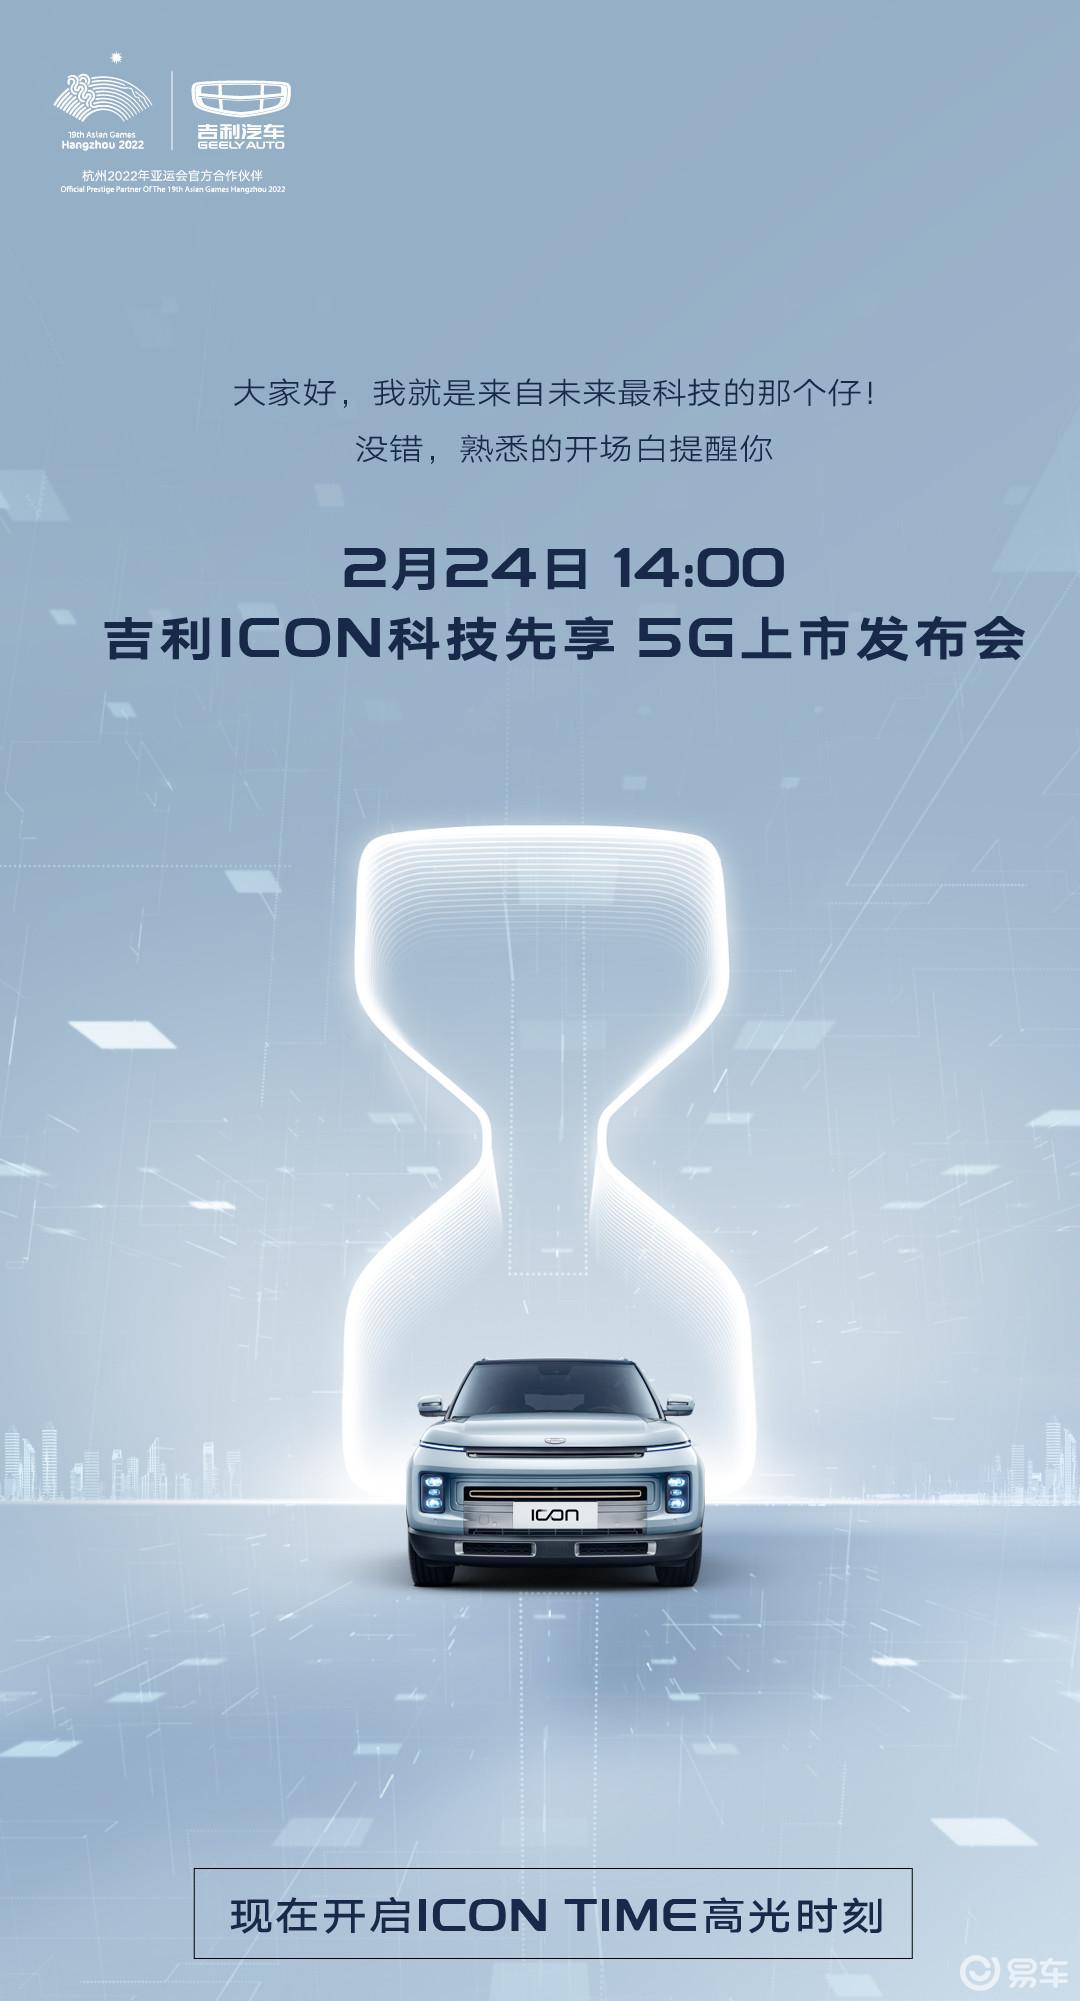 """吉利ICON 5G直播上市""""高光时刻"""" 曝光"""